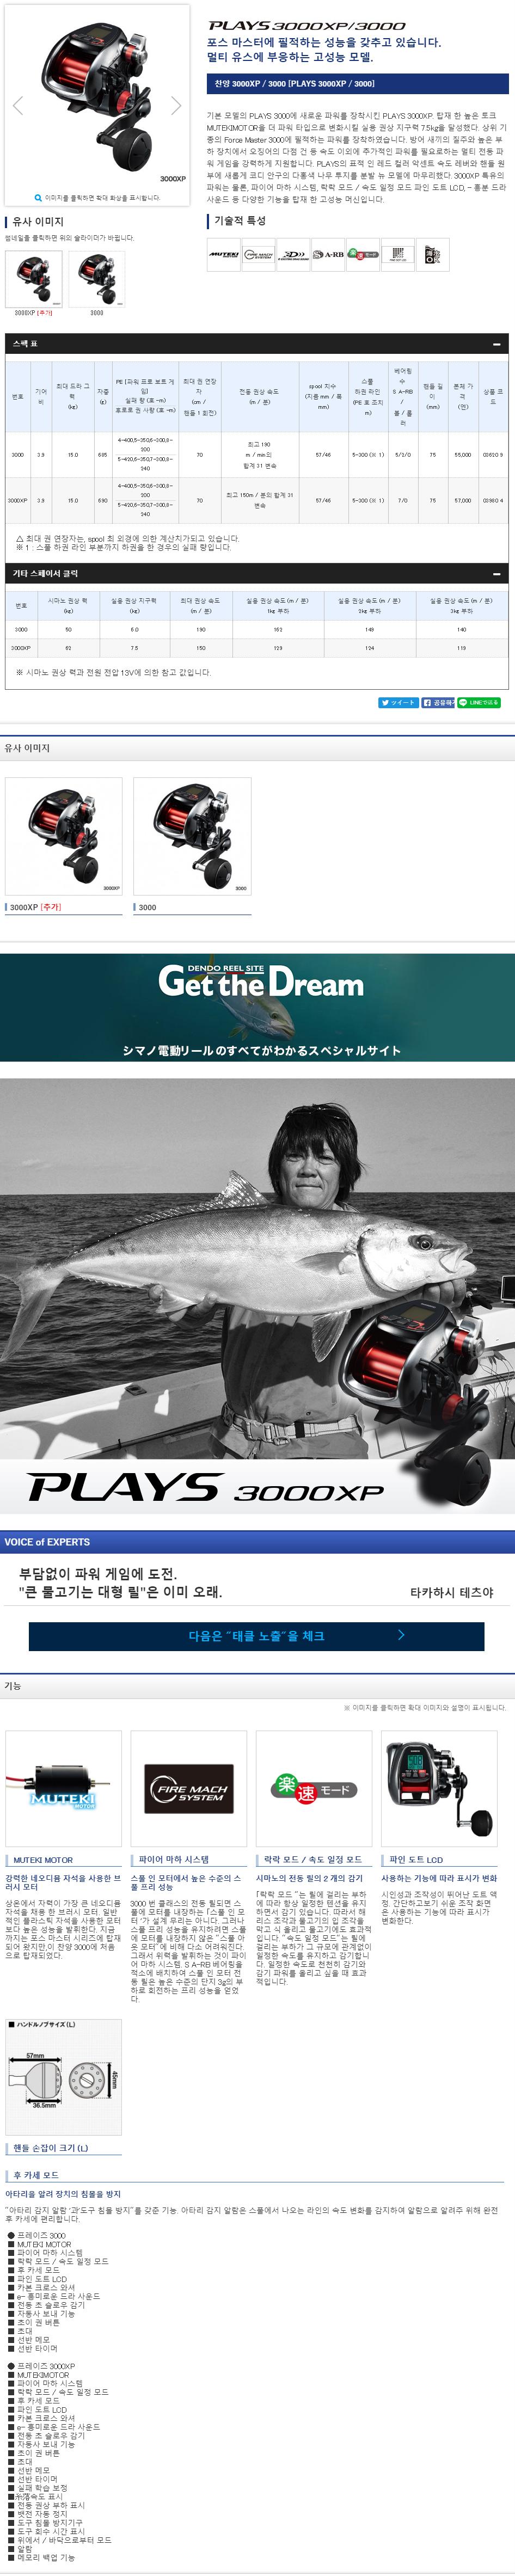 18 플레이즈 3000XP